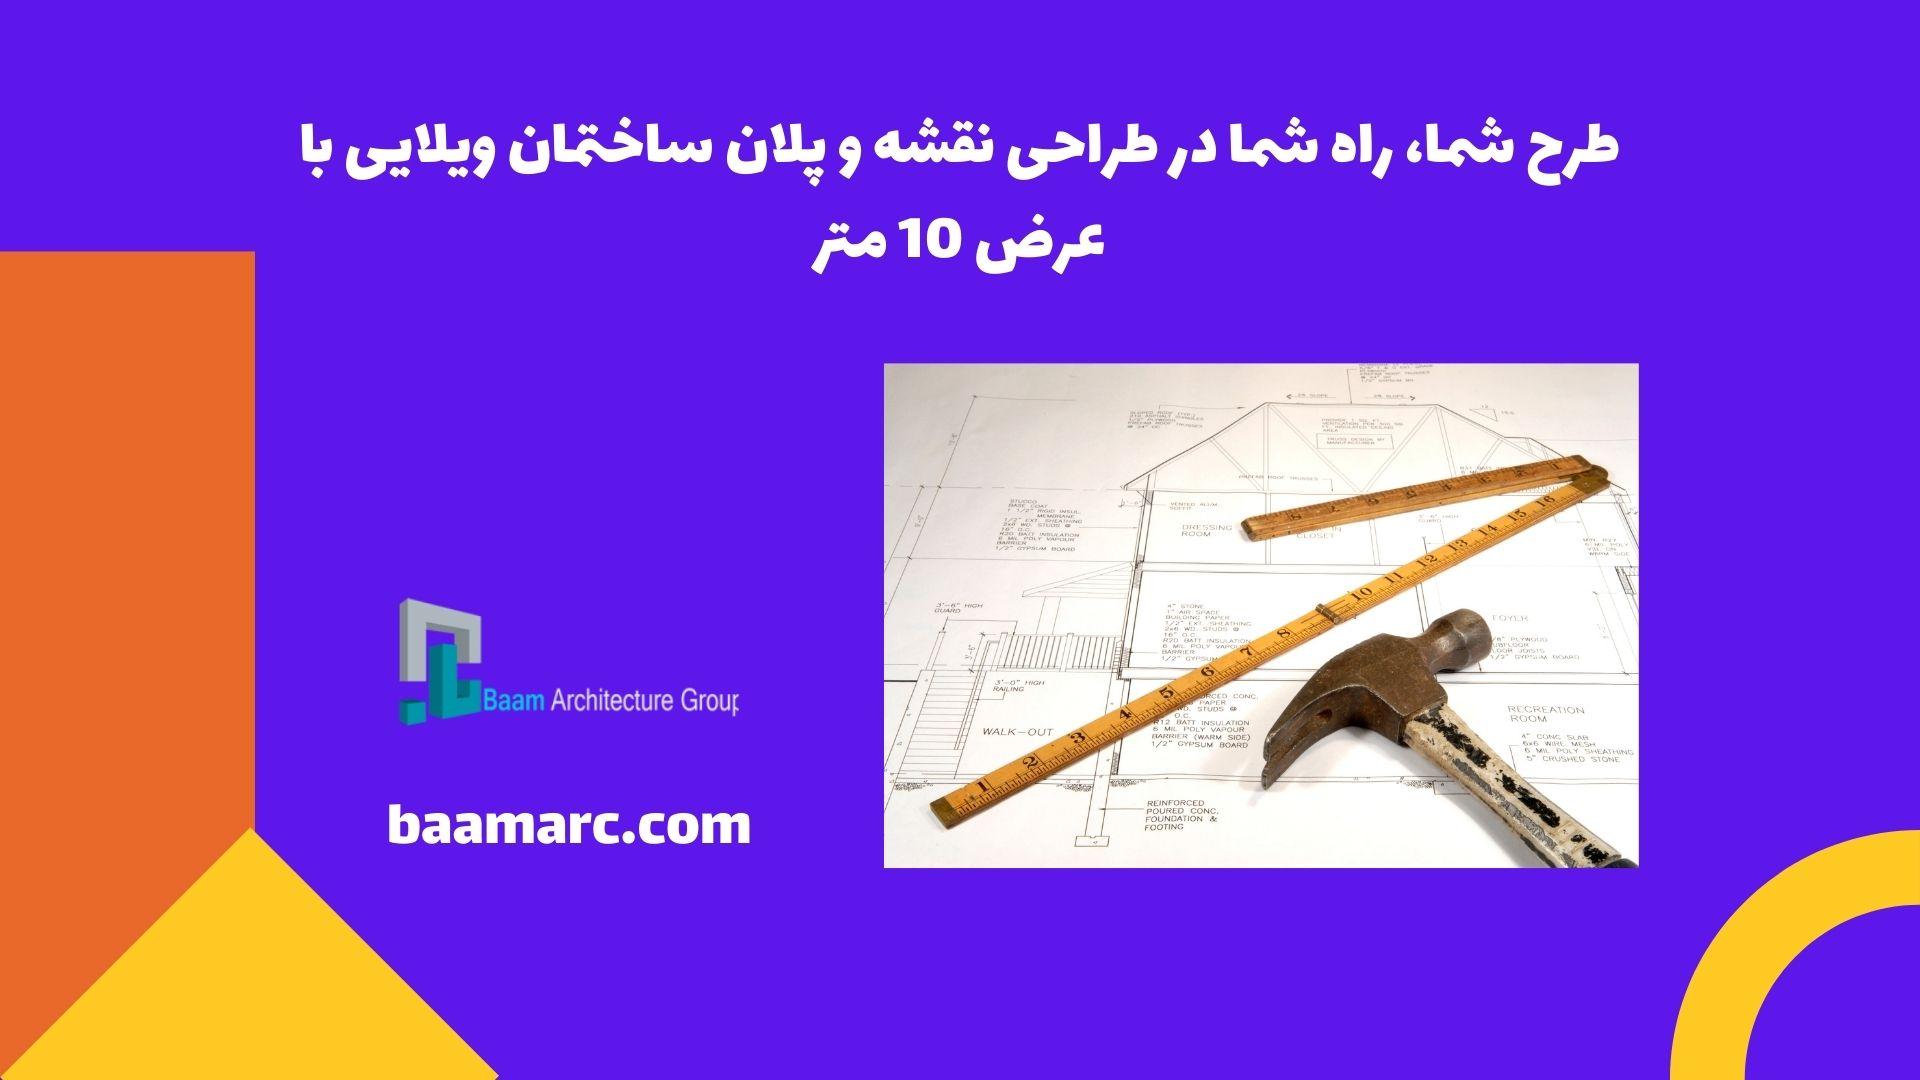 طرح شما، راه شما در طراحی نقشه و پلان ساختمان ویلایی با عرض 10 متر